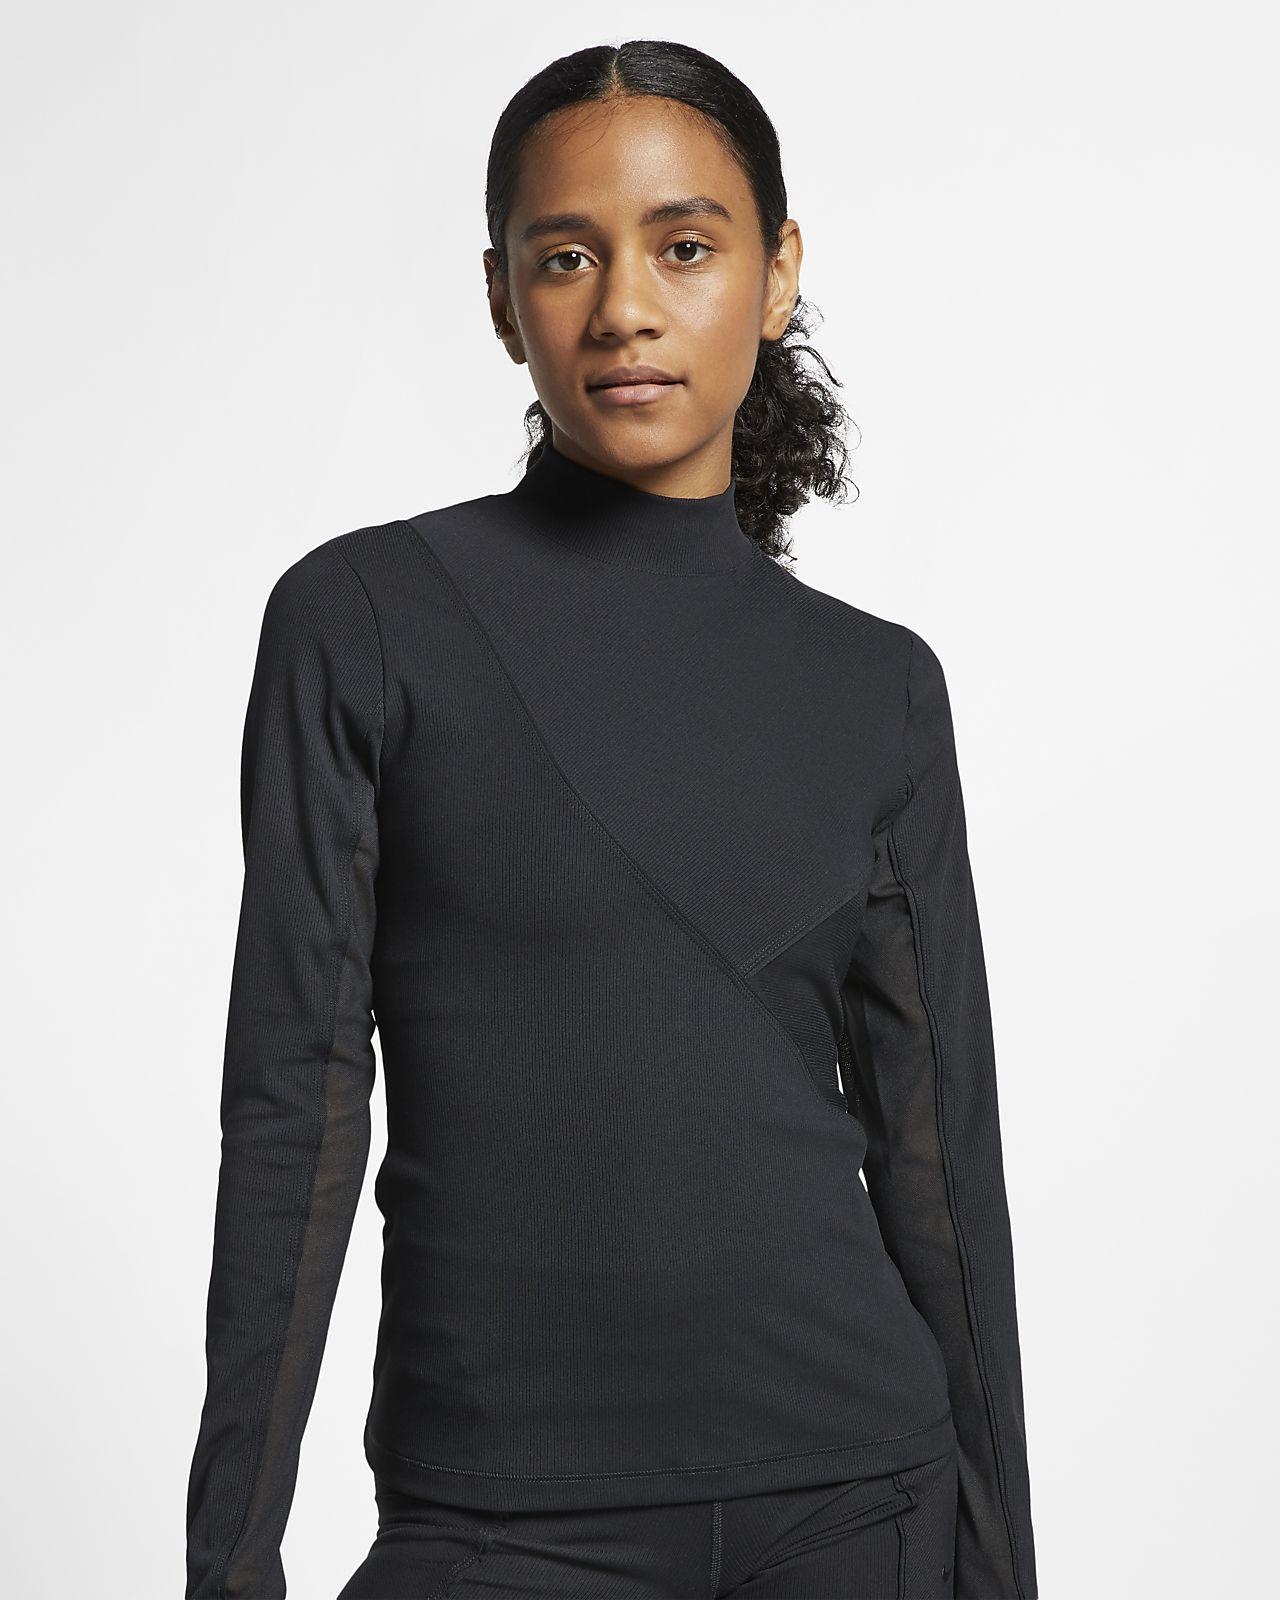 Haut côtelé à manches longues Nike Pro HyperCool pour Femme